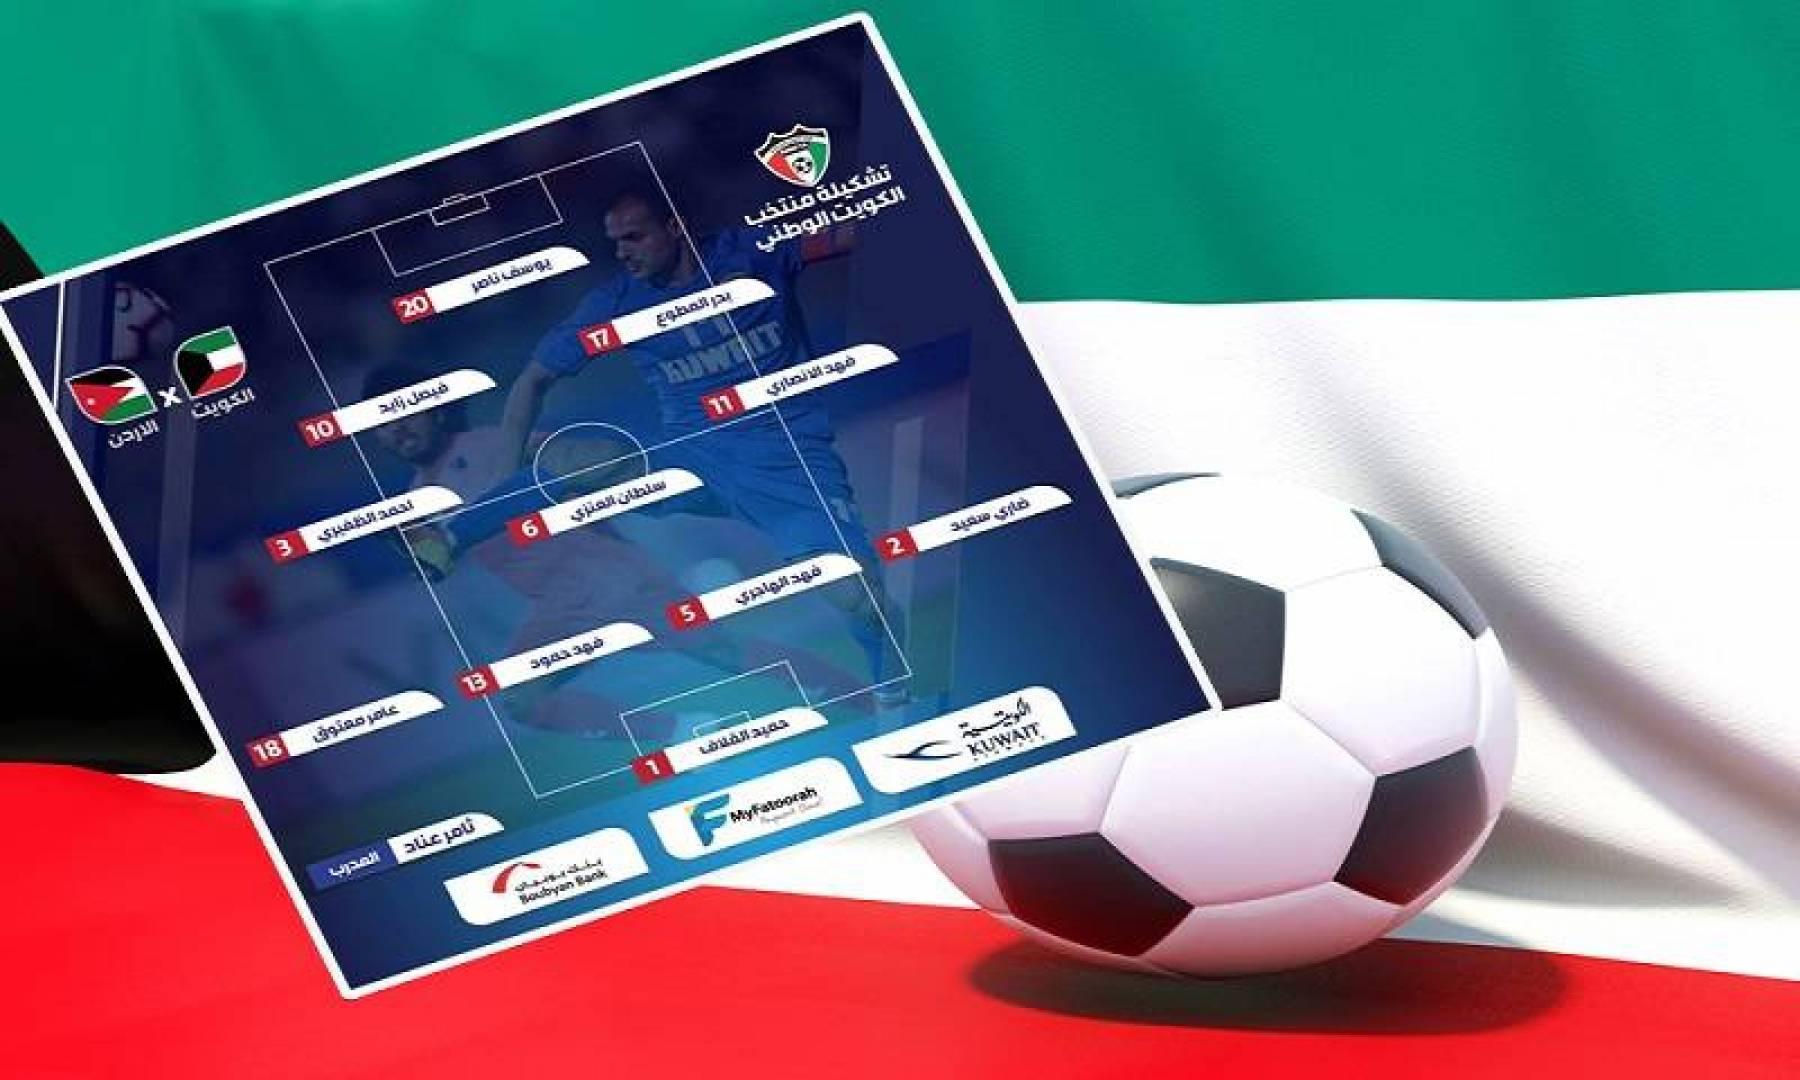 تشكيلة منتخب الكويت الوطني لمباراته مع المنتخب الأردني